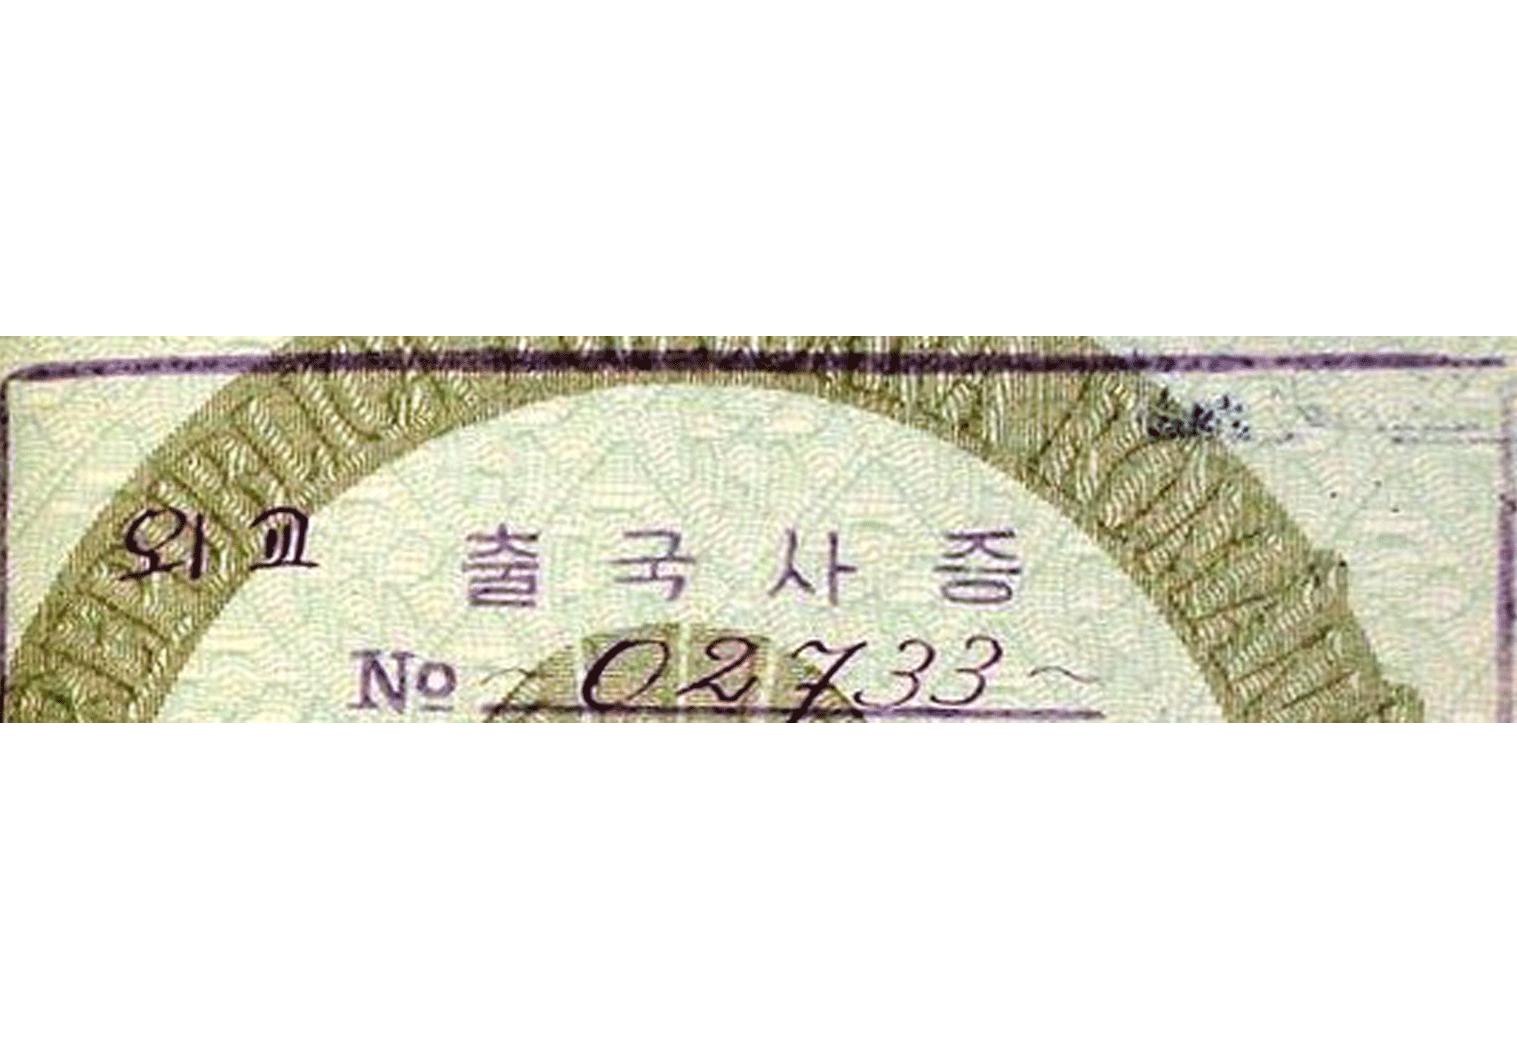 29. 외교 출구사증 - diplomatic exit visa